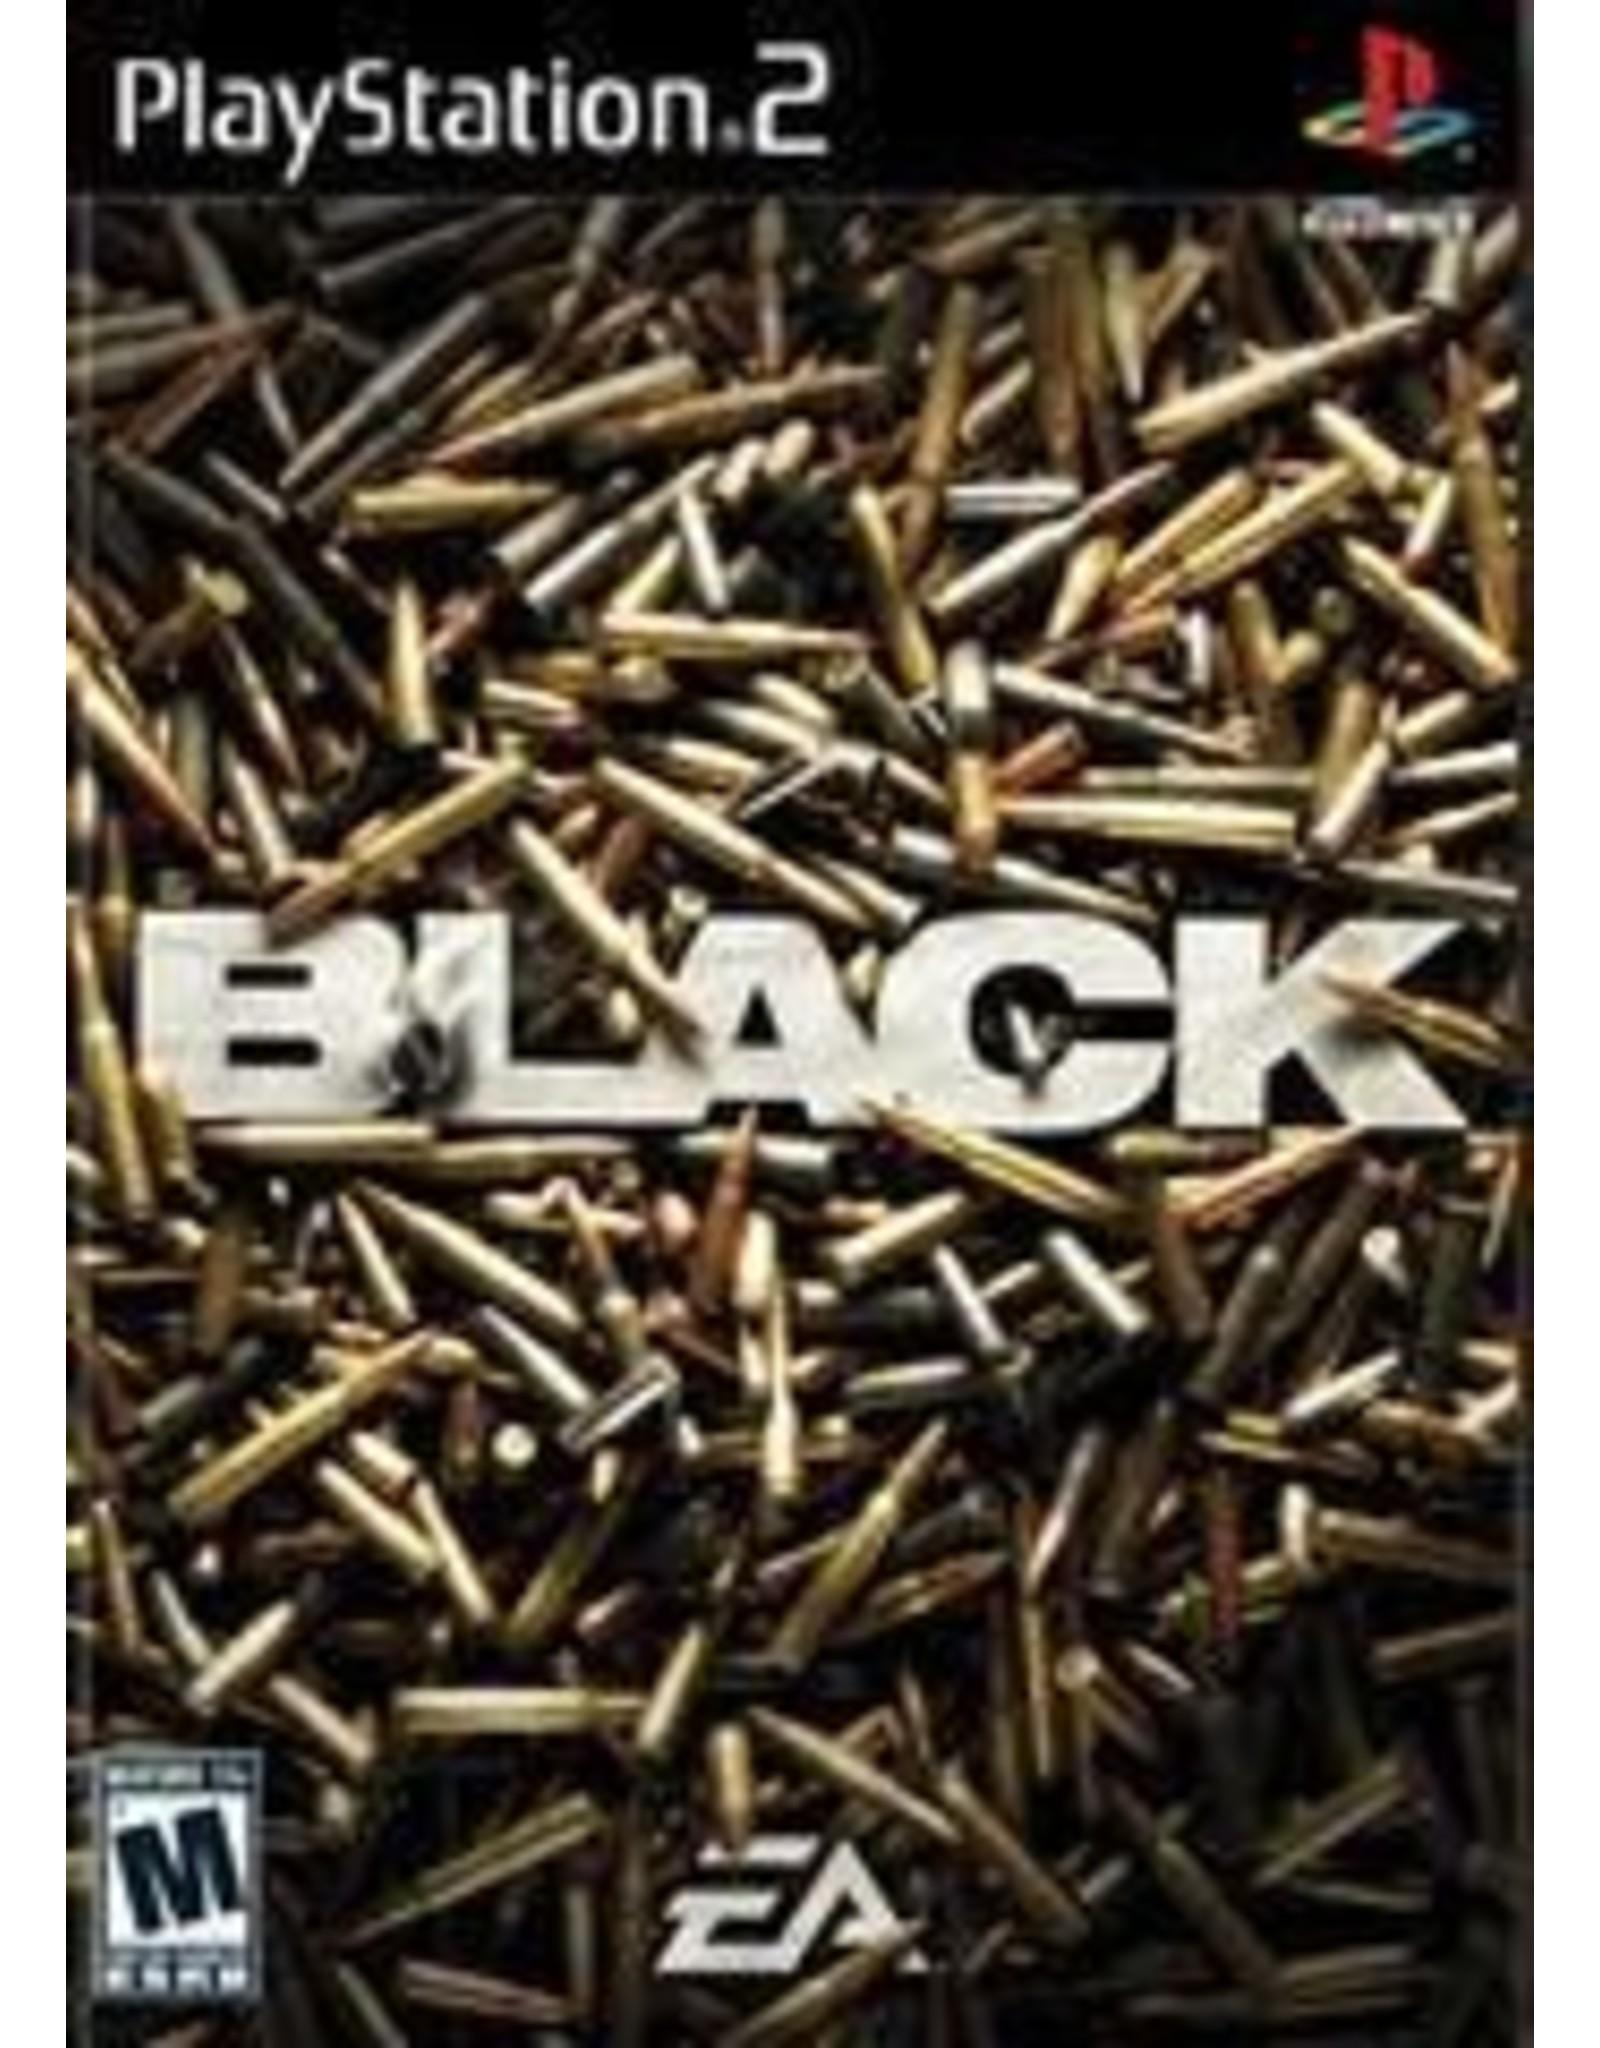 Playstation 2 Black (No Manual)